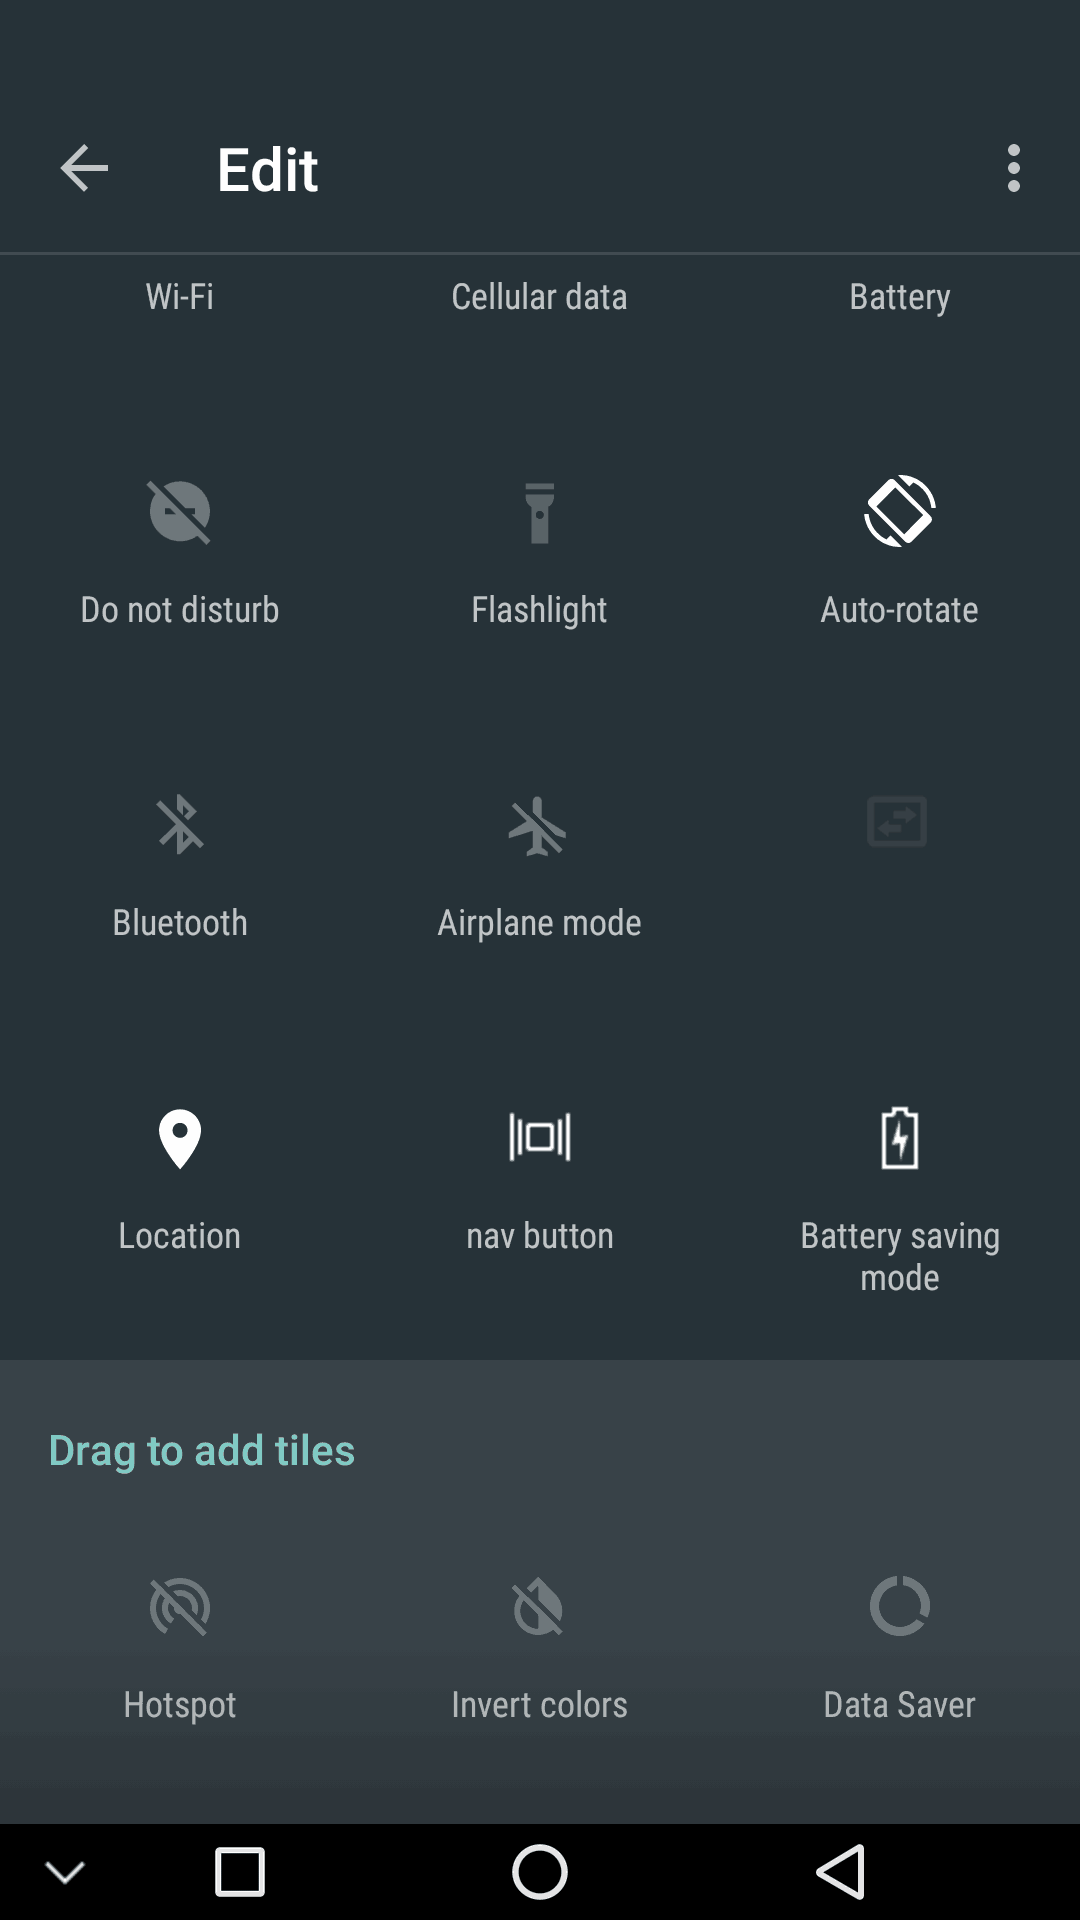 UMi Super UMi Max Android 7.0 Nougat